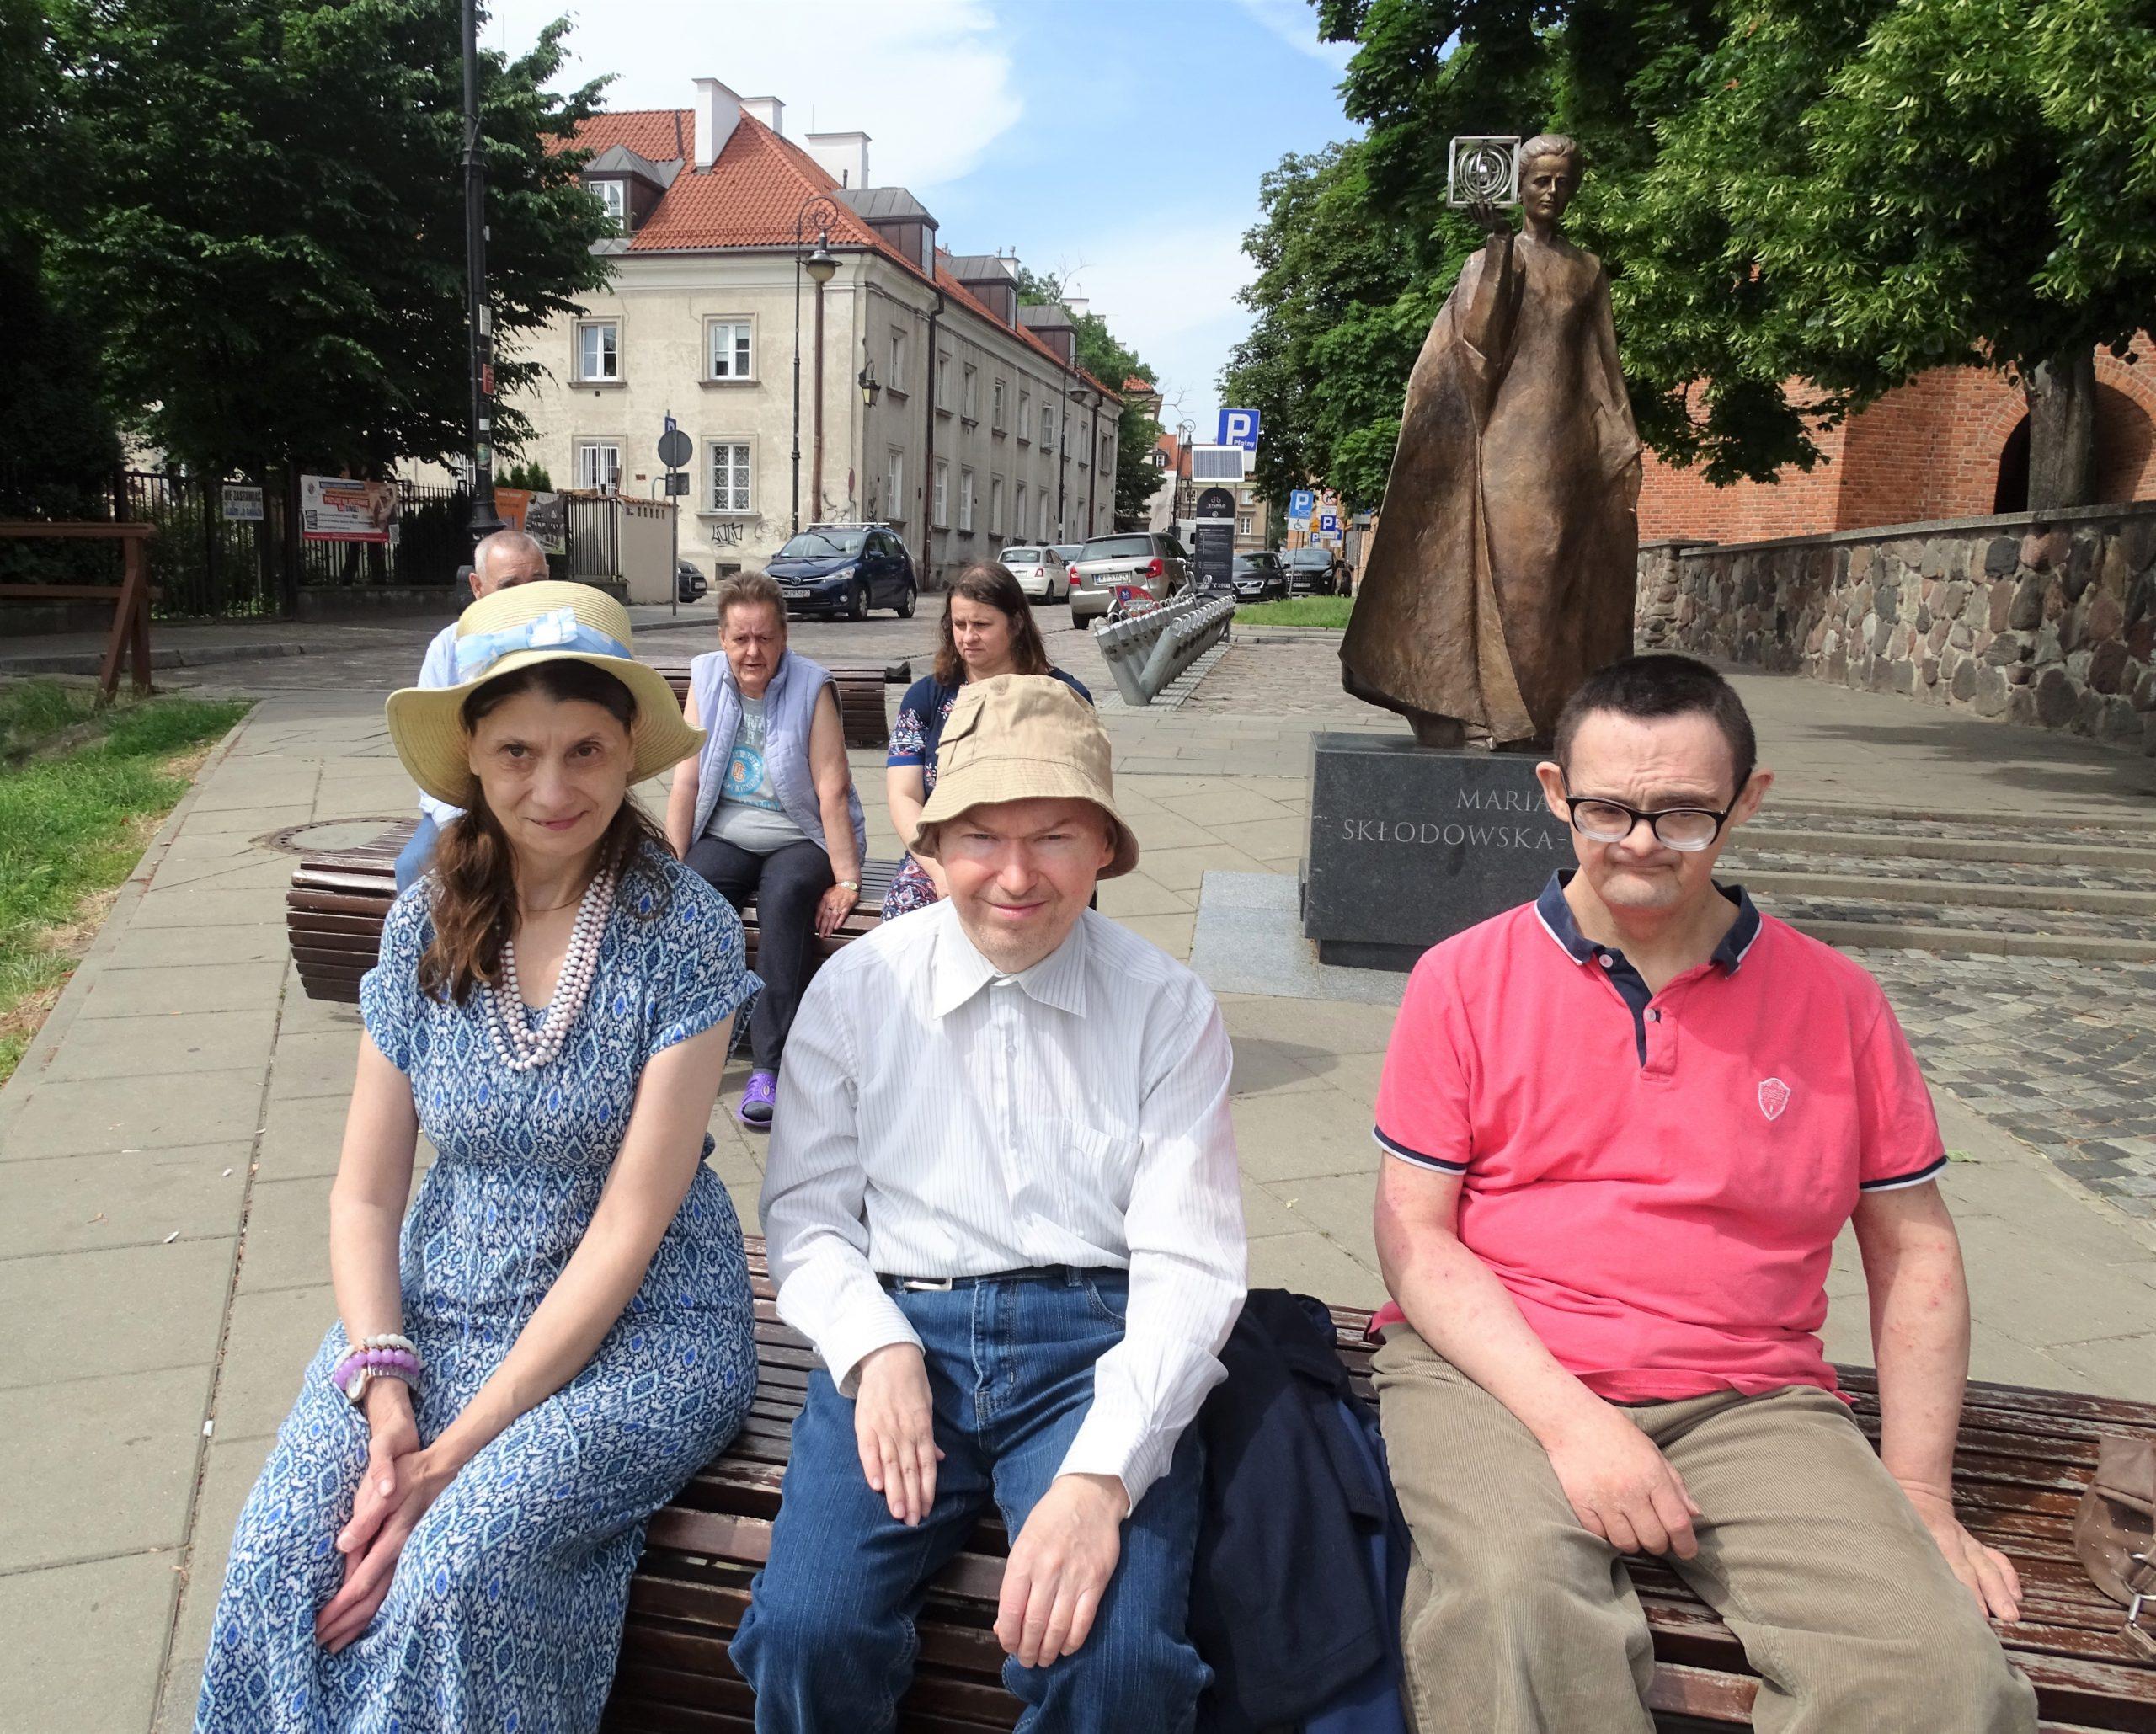 grupa Mieszkańców siedzi na ławkach na starówce